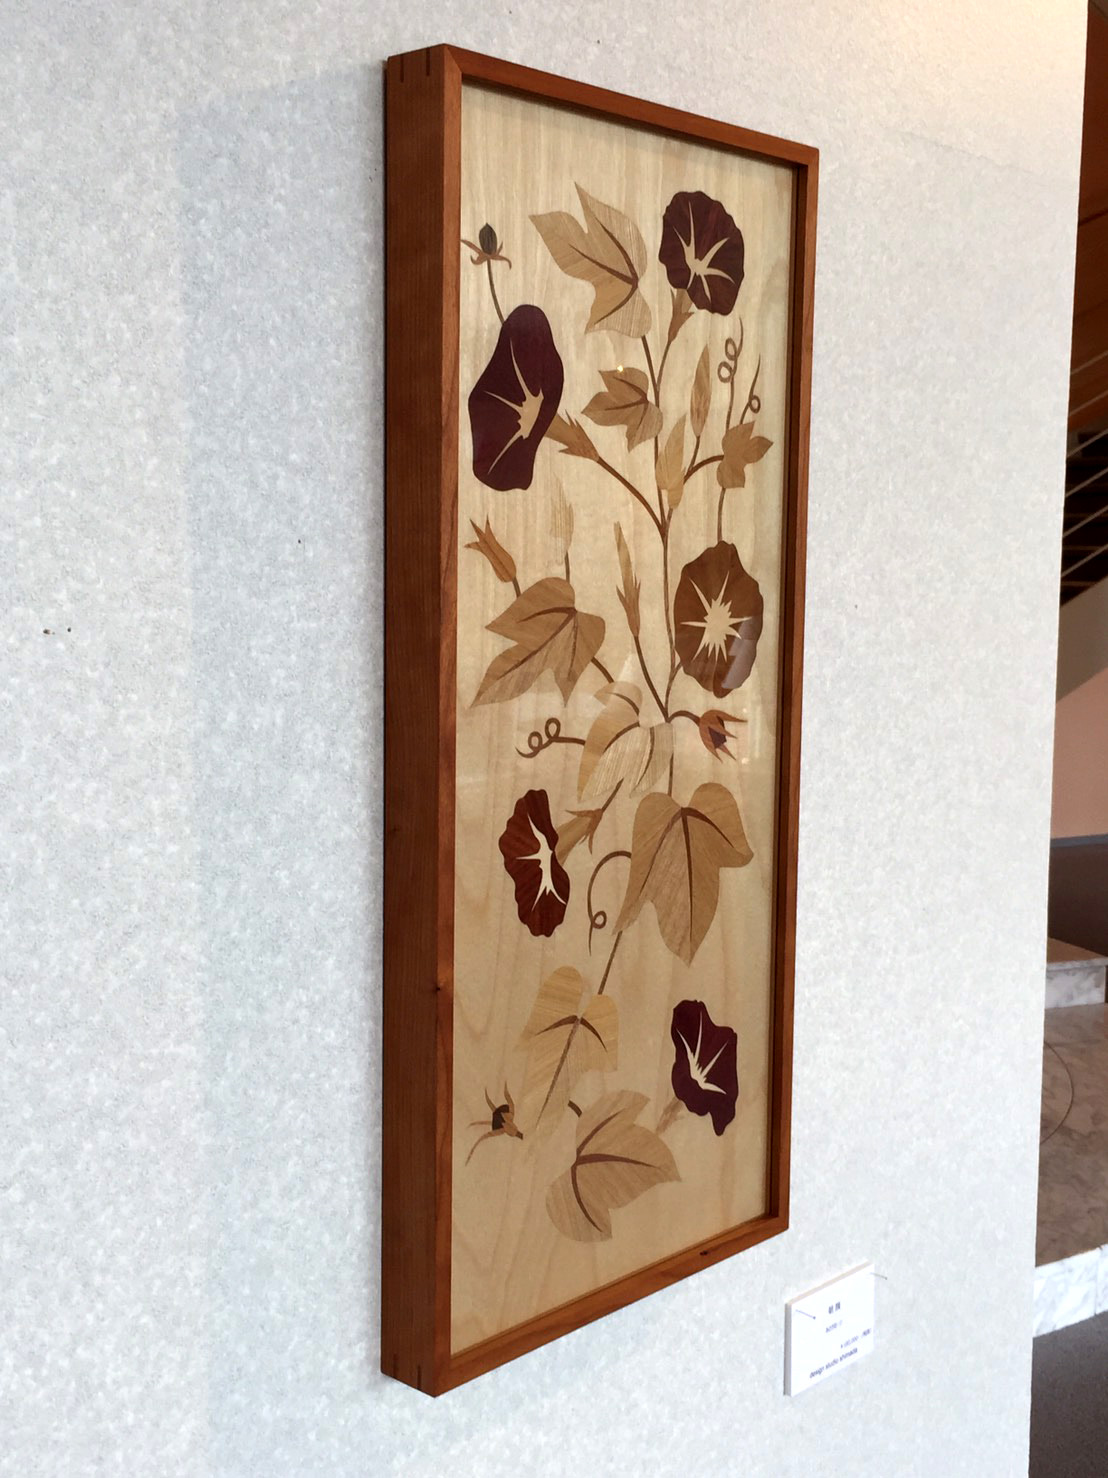 開催中の木象嵌の展示会 inフラノ寶亭留